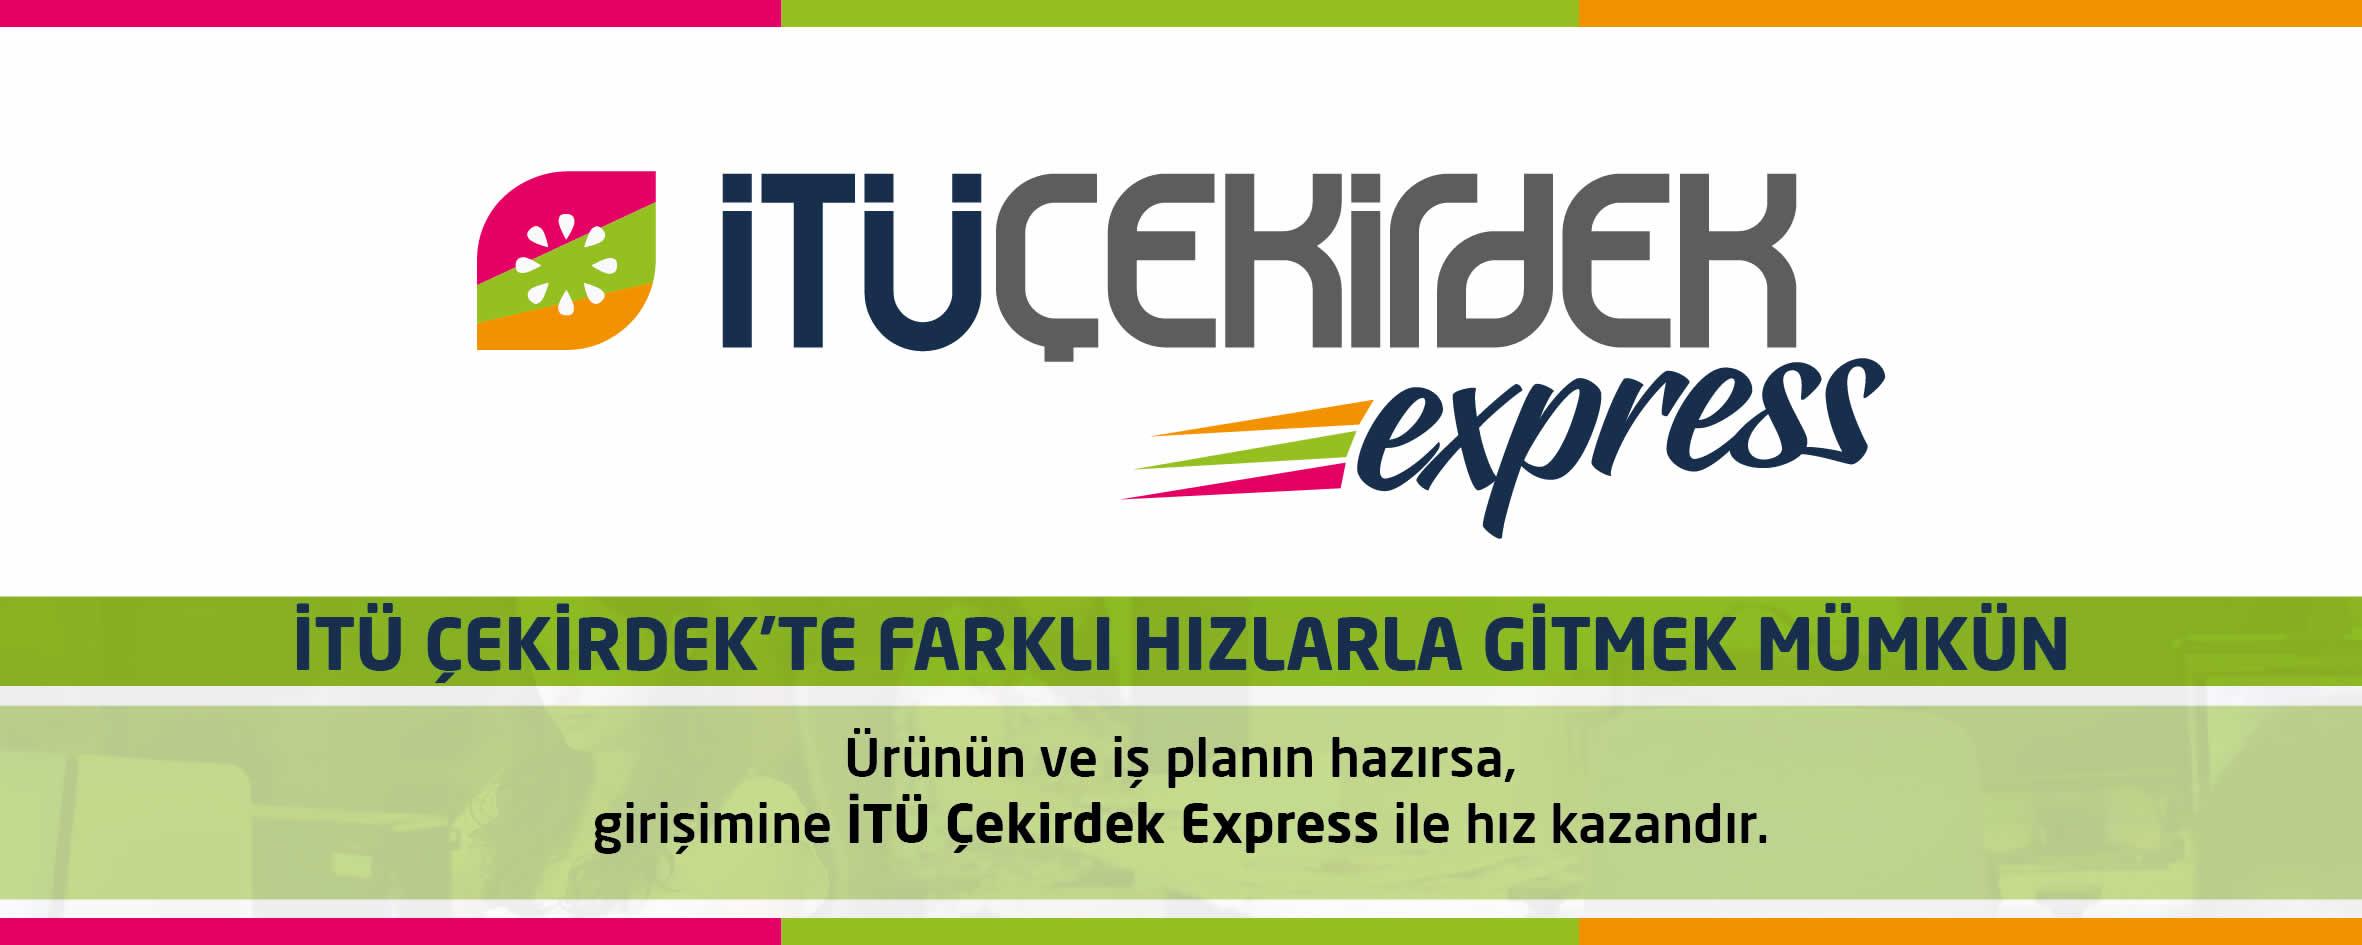 Hızlı Önkuluçka : Express